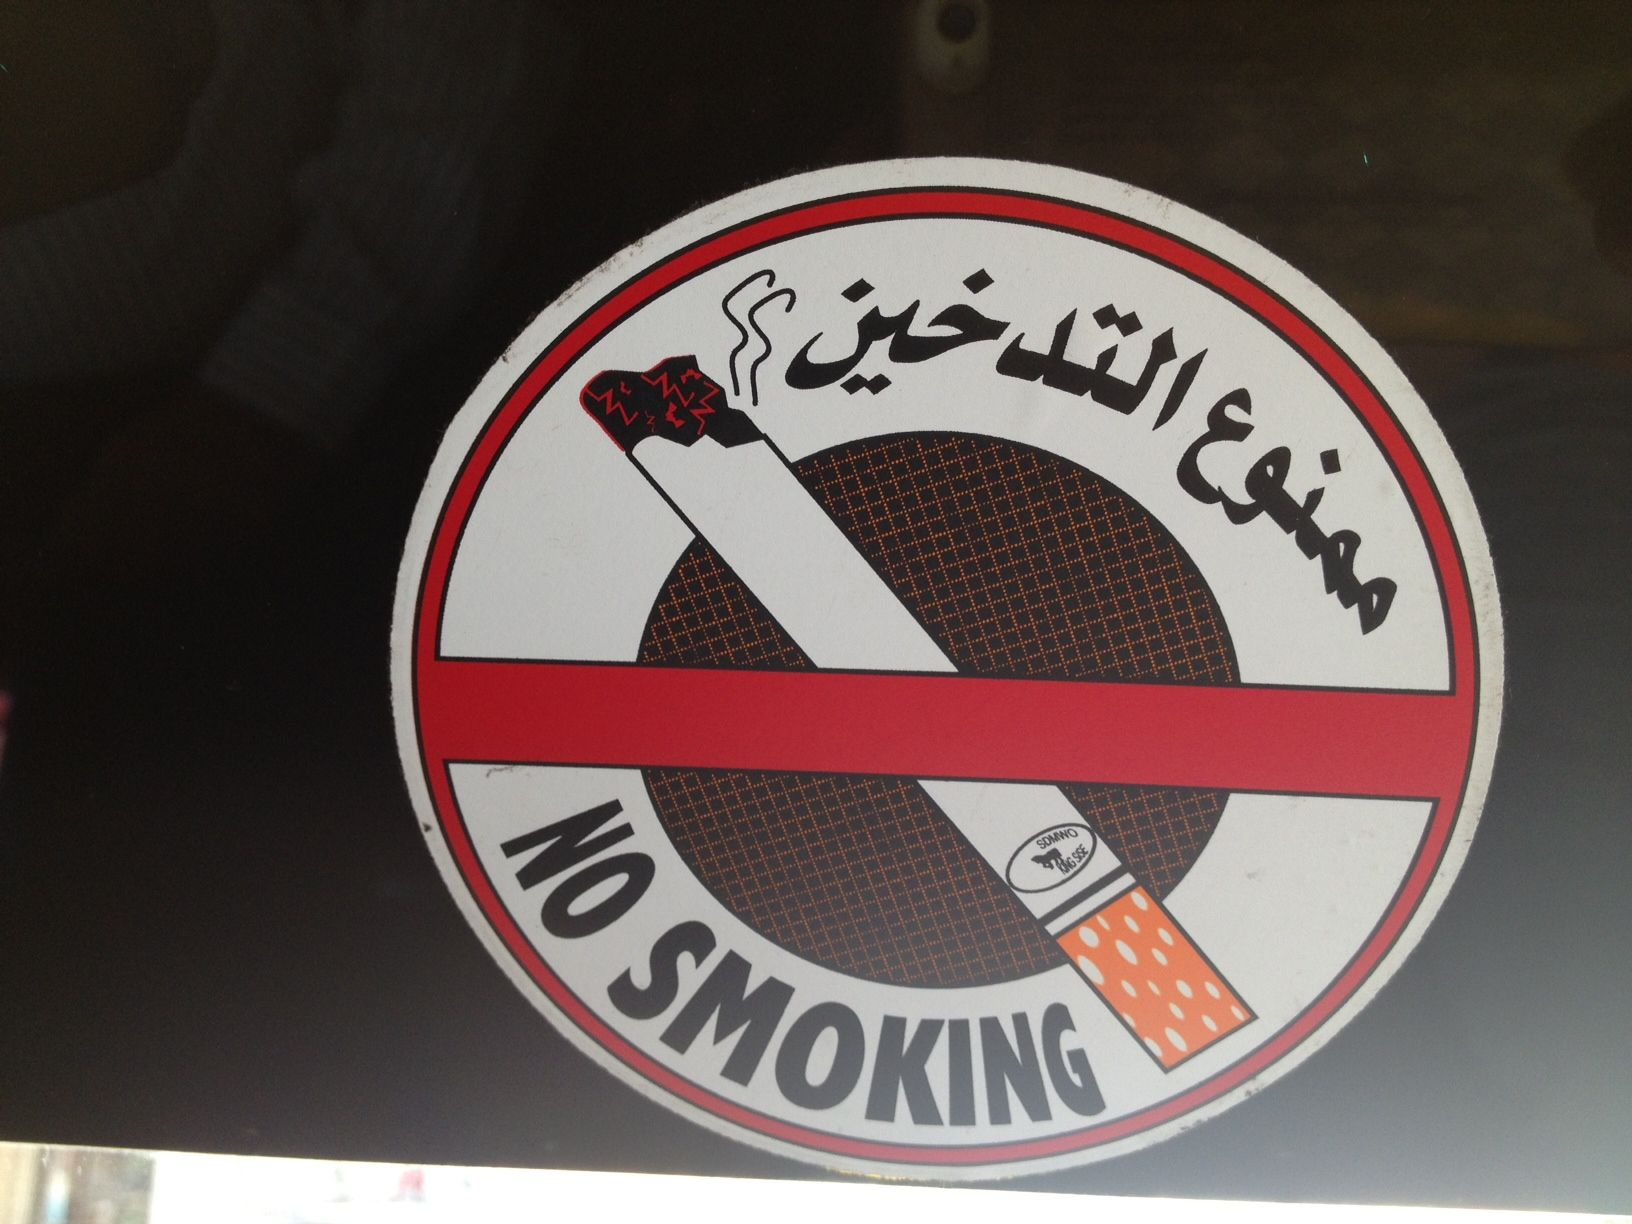 Ne Pas Fumer Lesbossesduchamot